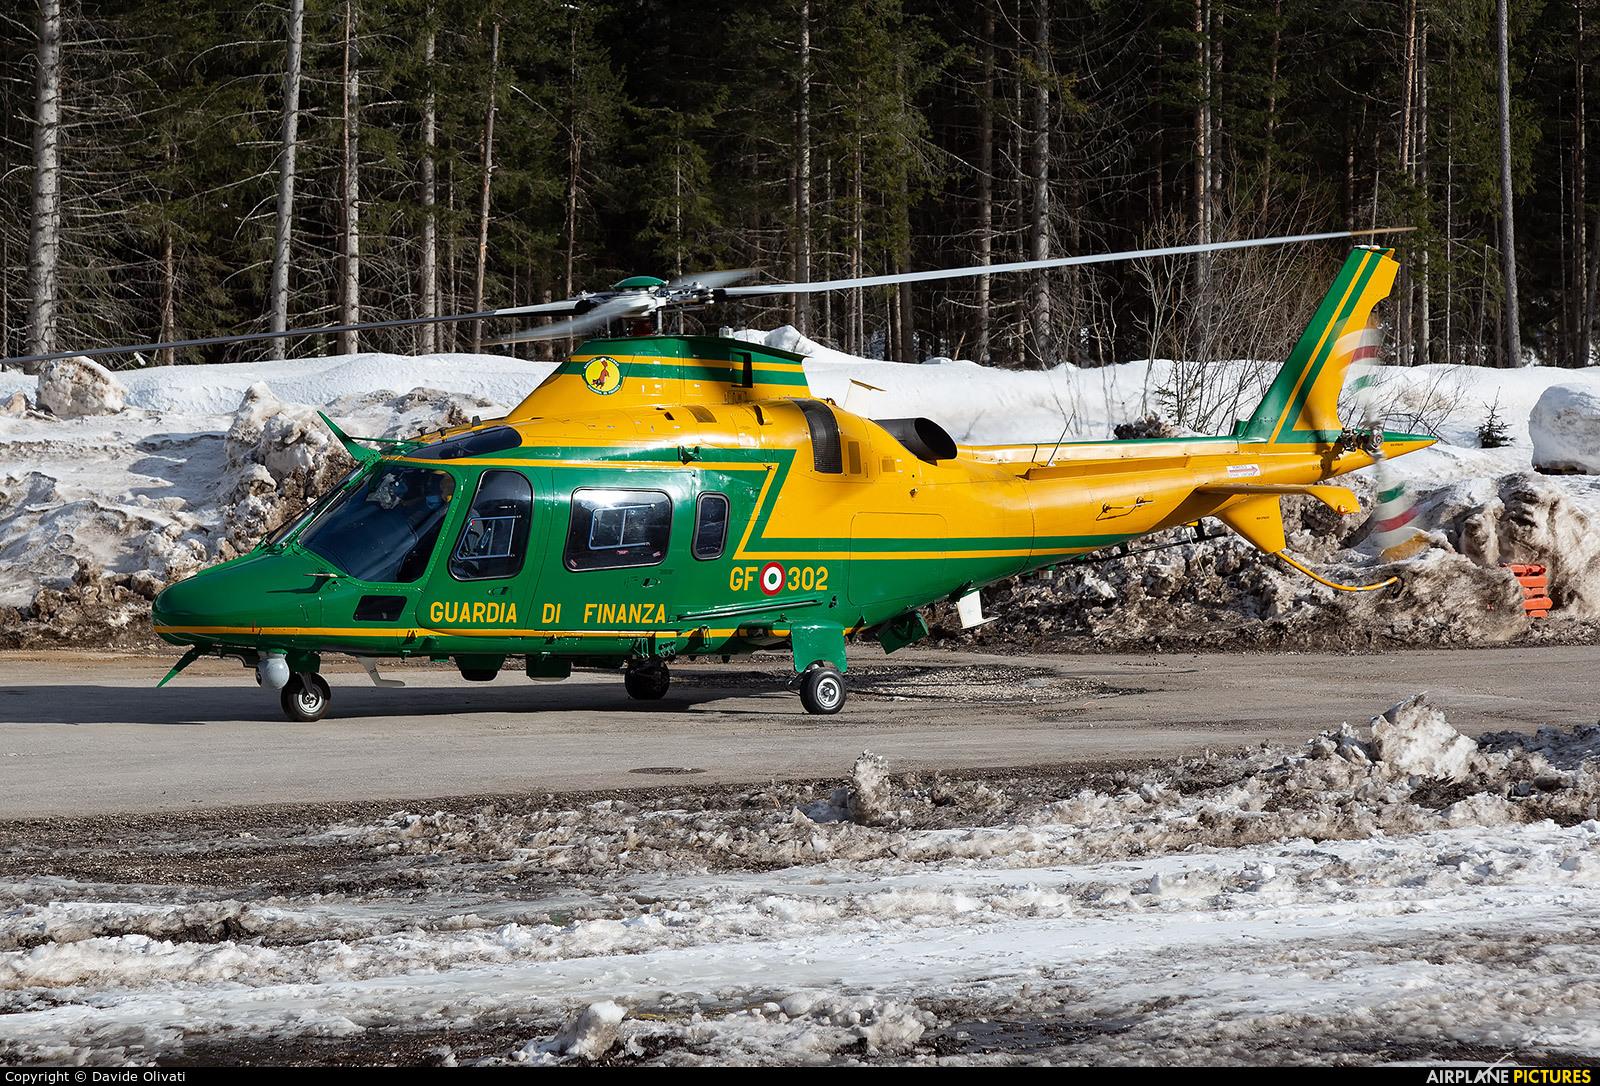 Italy - Guardia di Finanza MM61680 aircraft at Off Airport - Italy